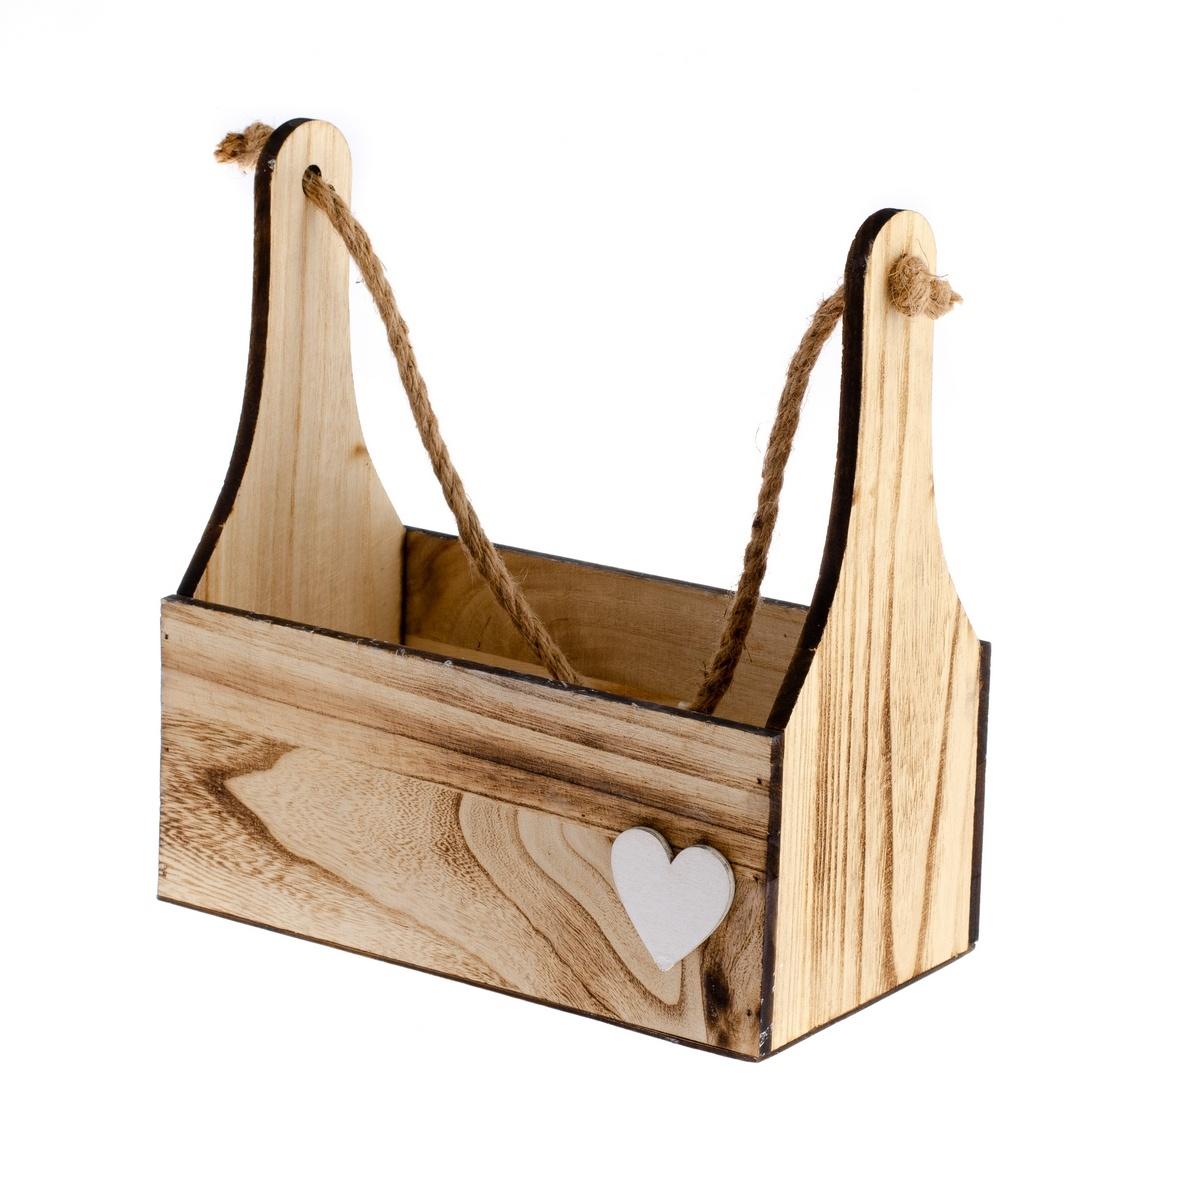 Dřevěná závěsná přepravka Hearth in wood, 27 x 34 x 15 cm